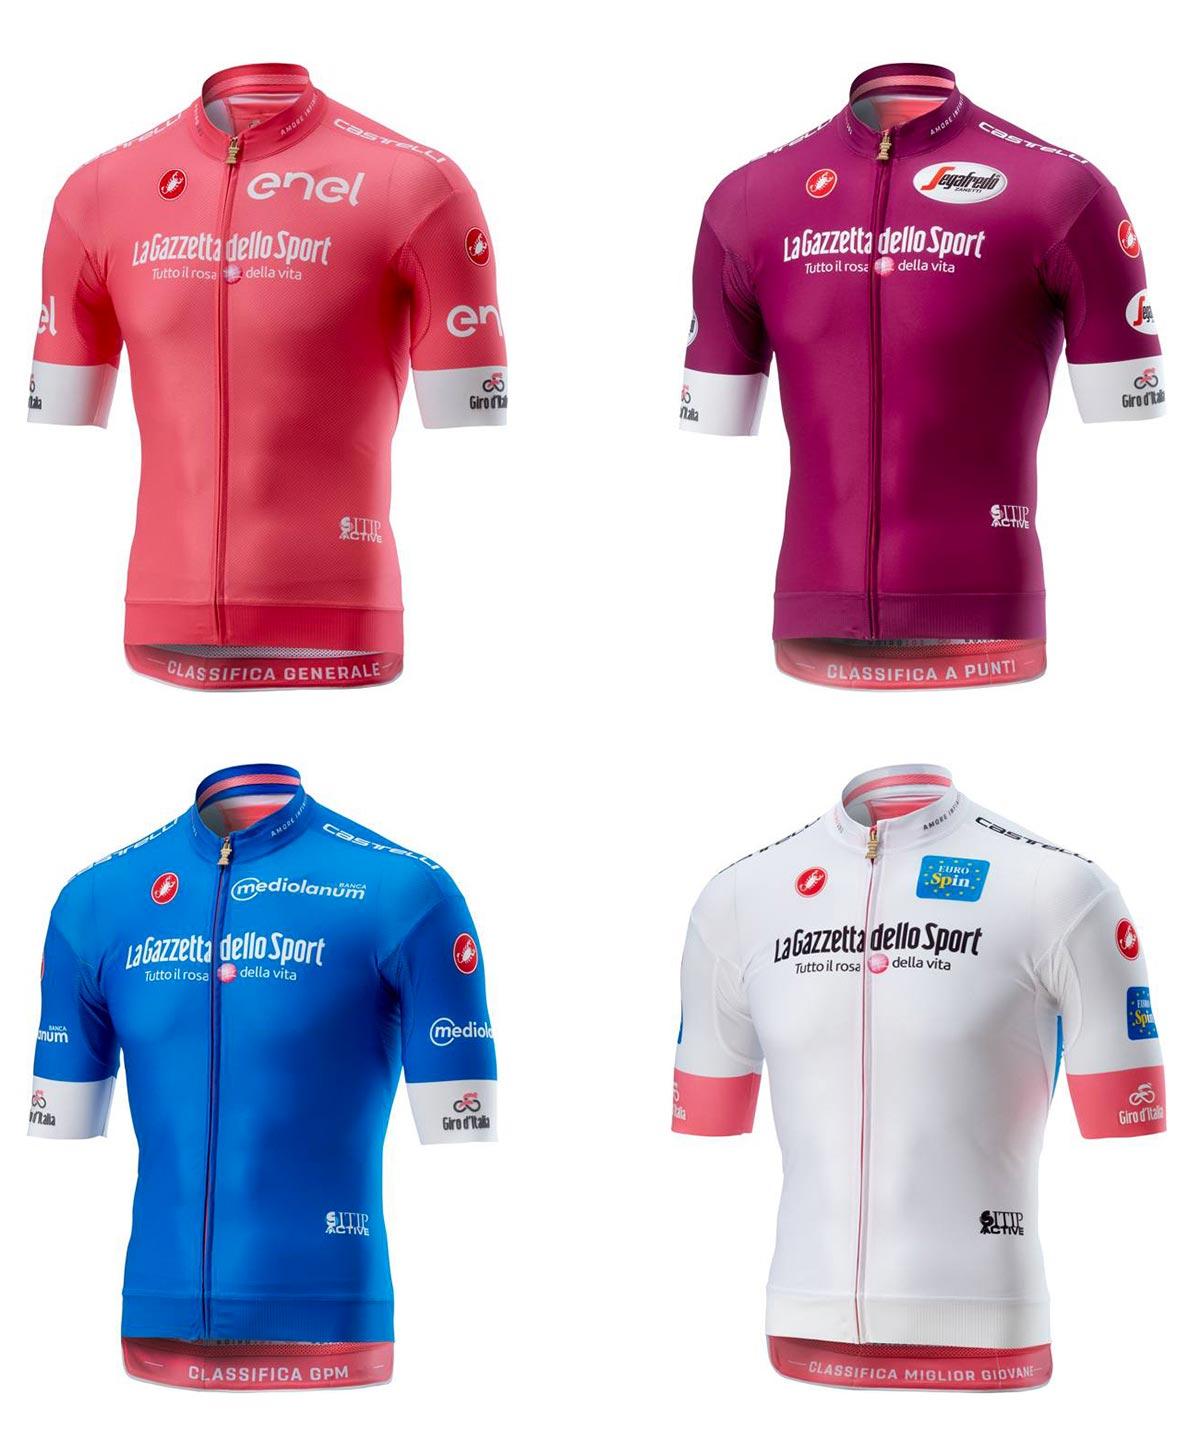 Le maglie del Giro d'Italia 2018